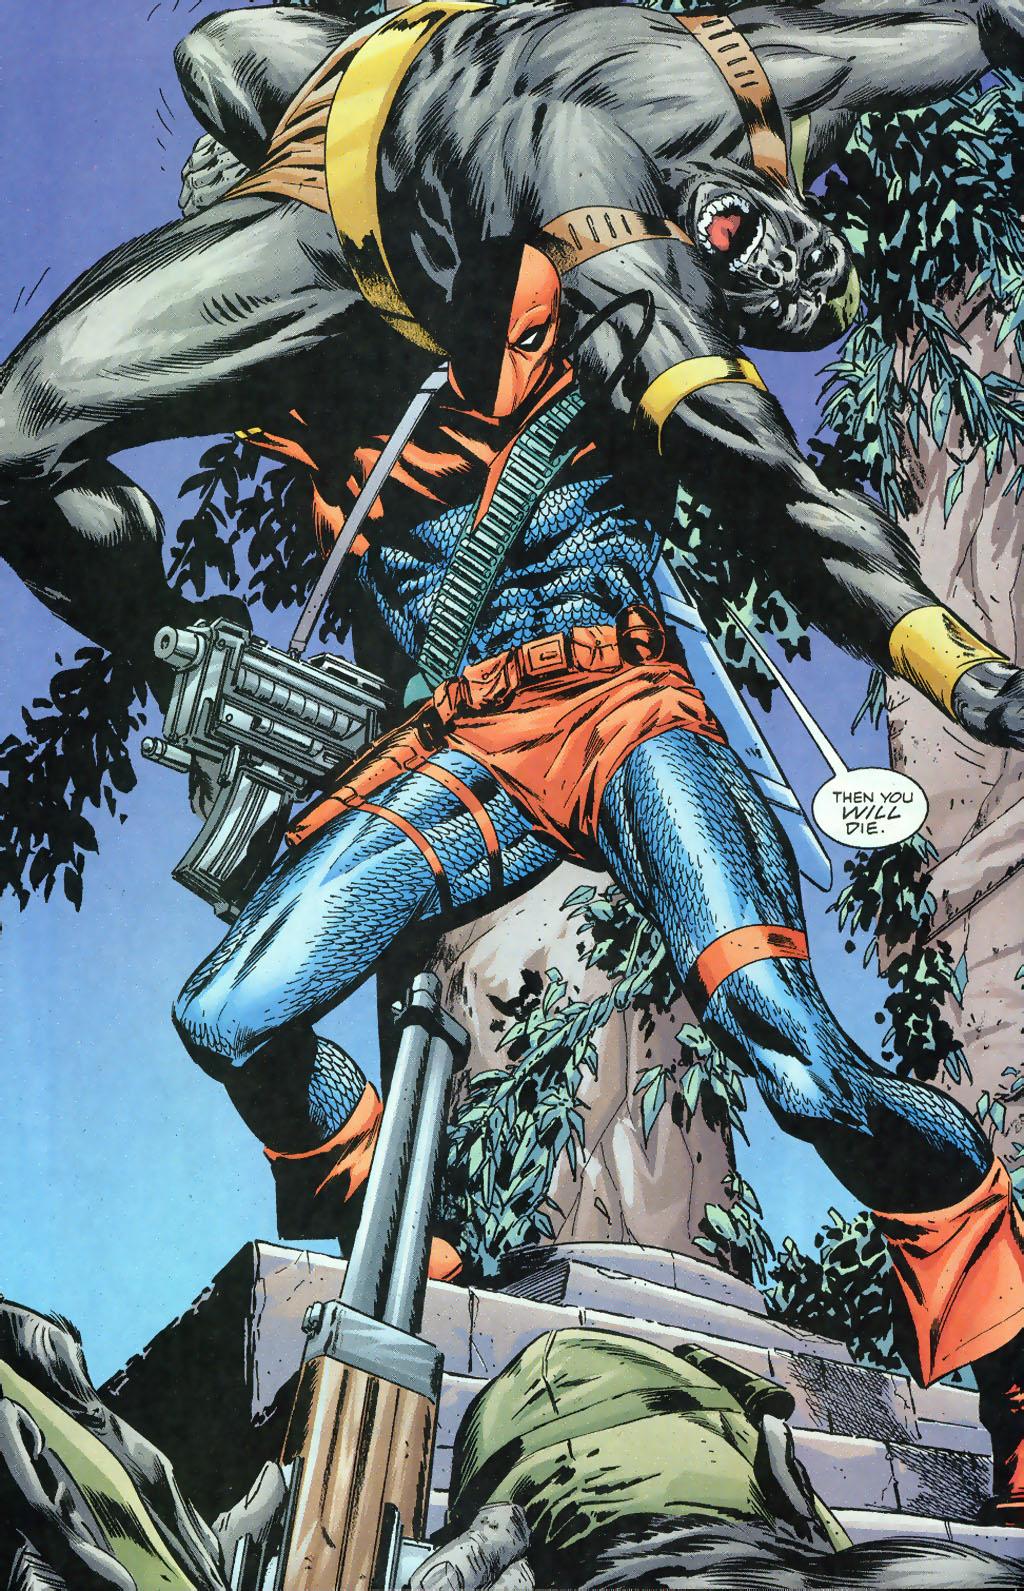 Image - Deathstroke 008.jpg - Batman Wiki